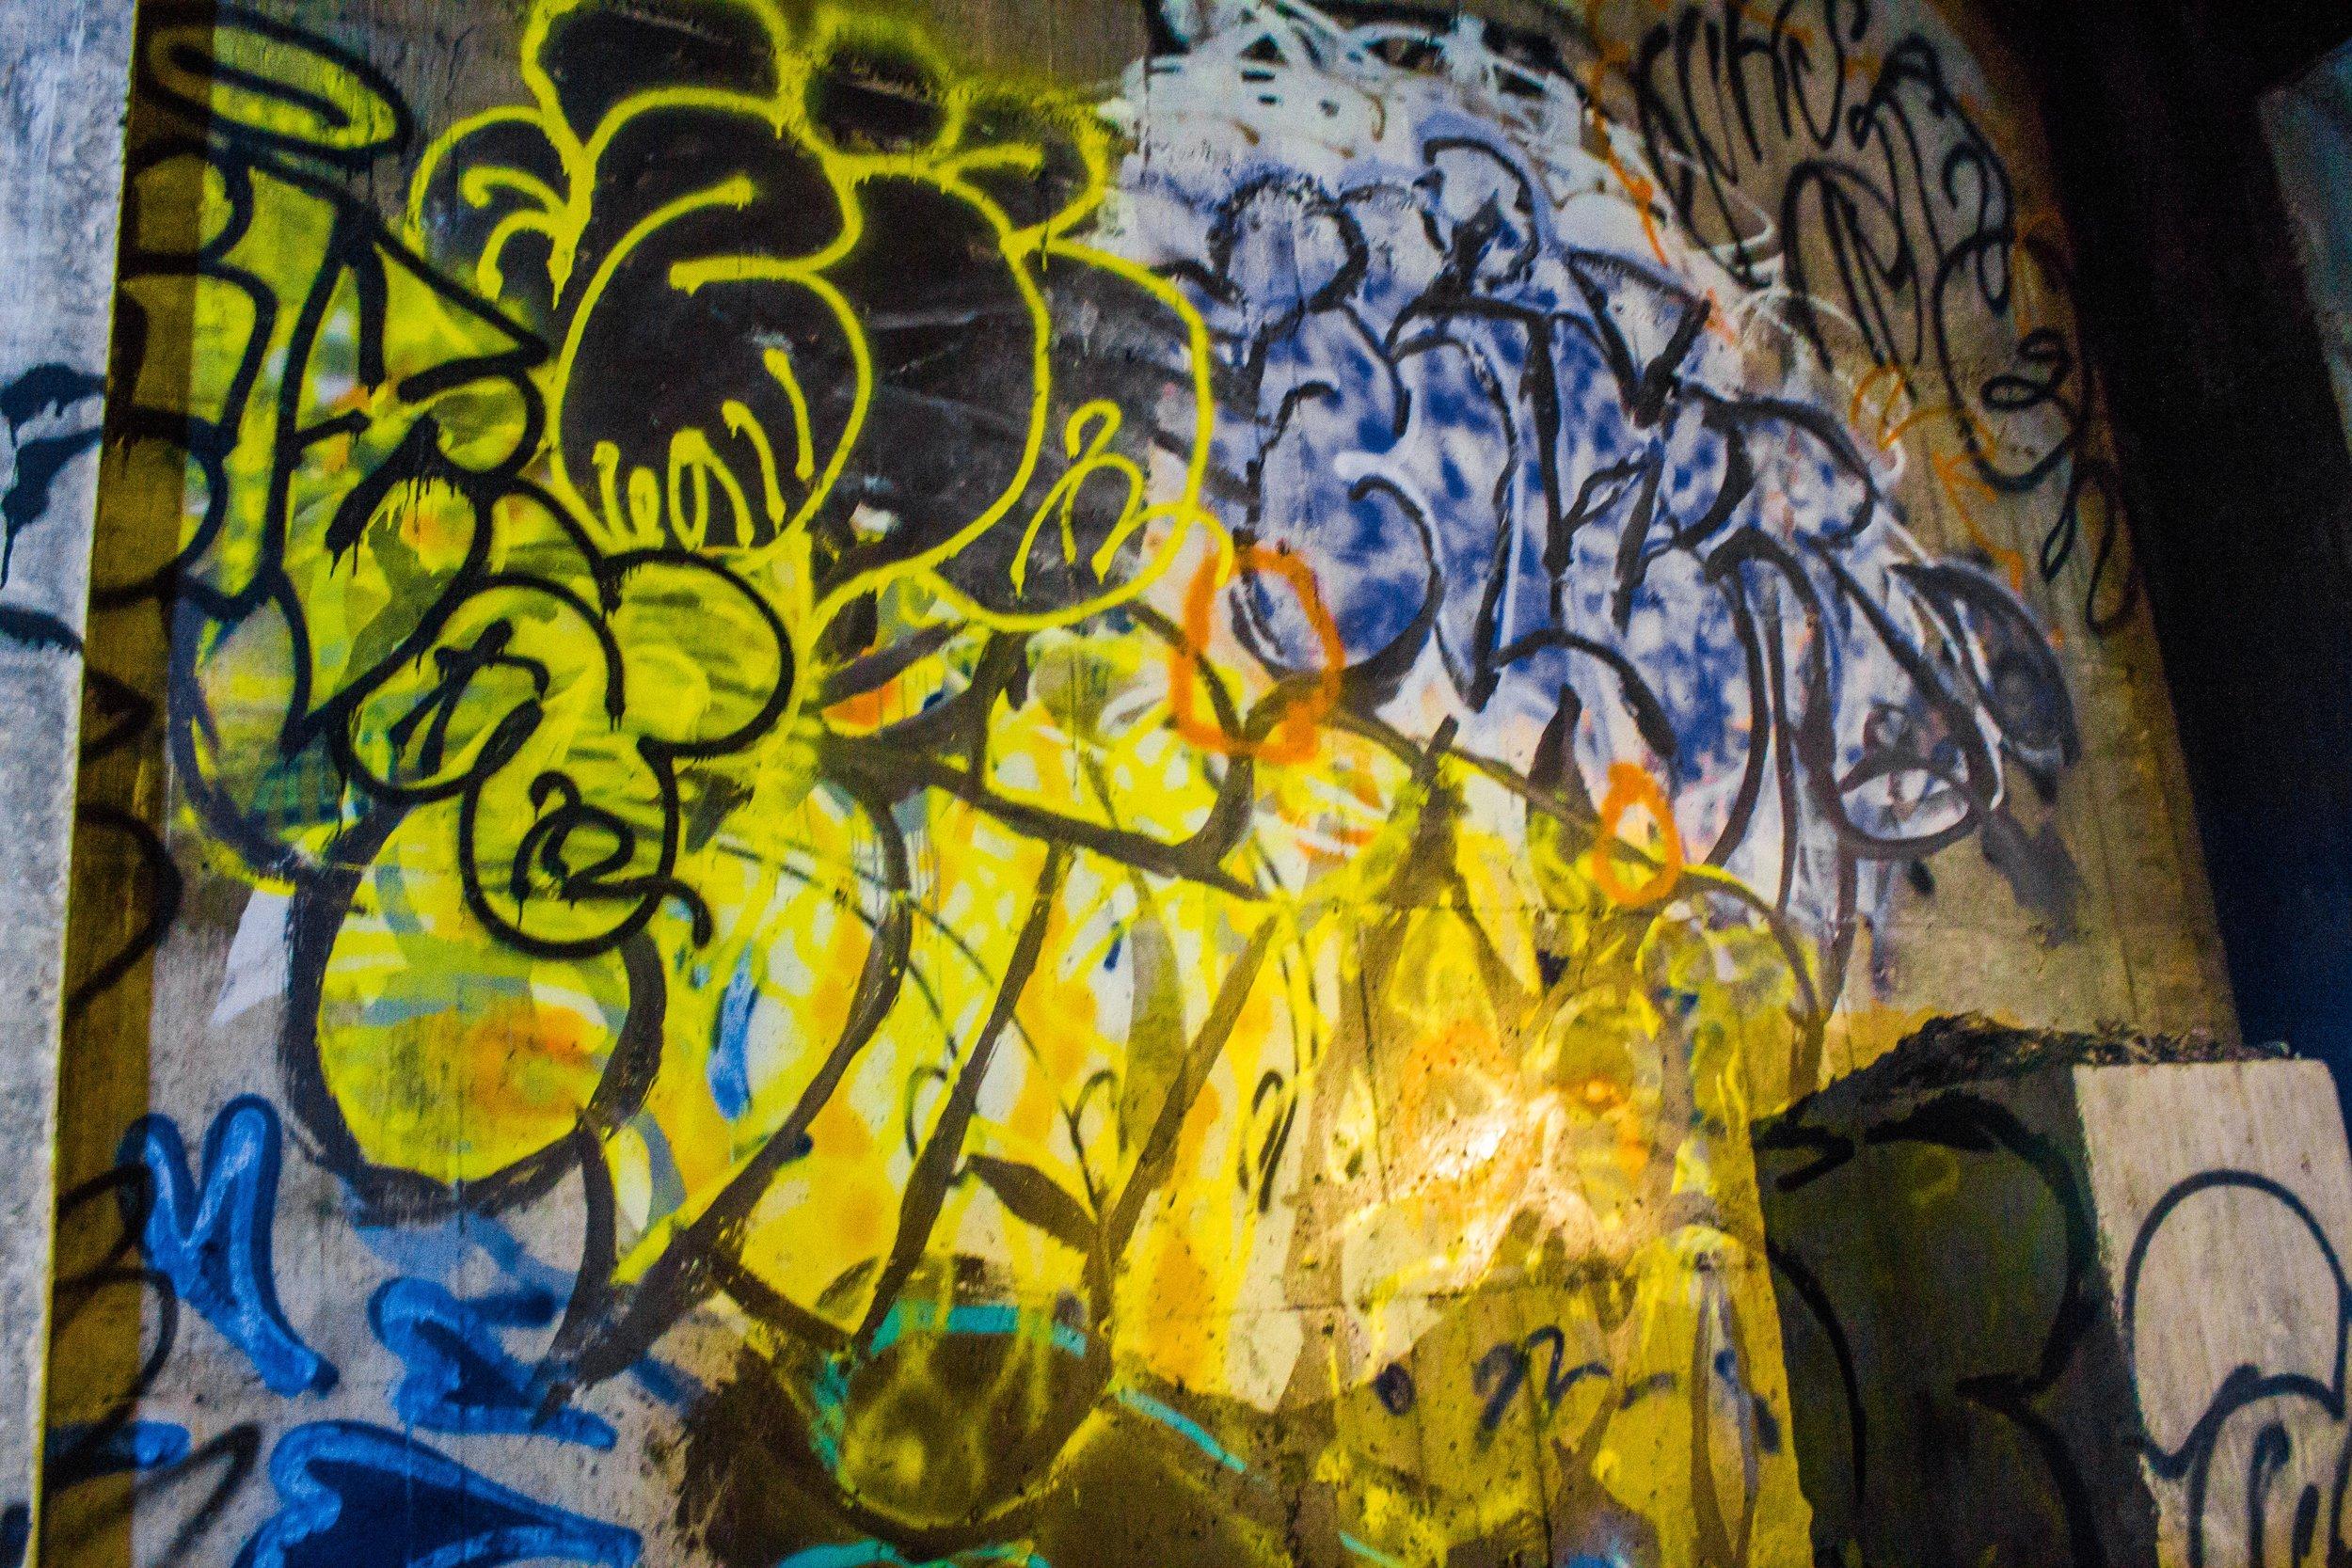 Wastedland 2 Event Photos-7.jpeg